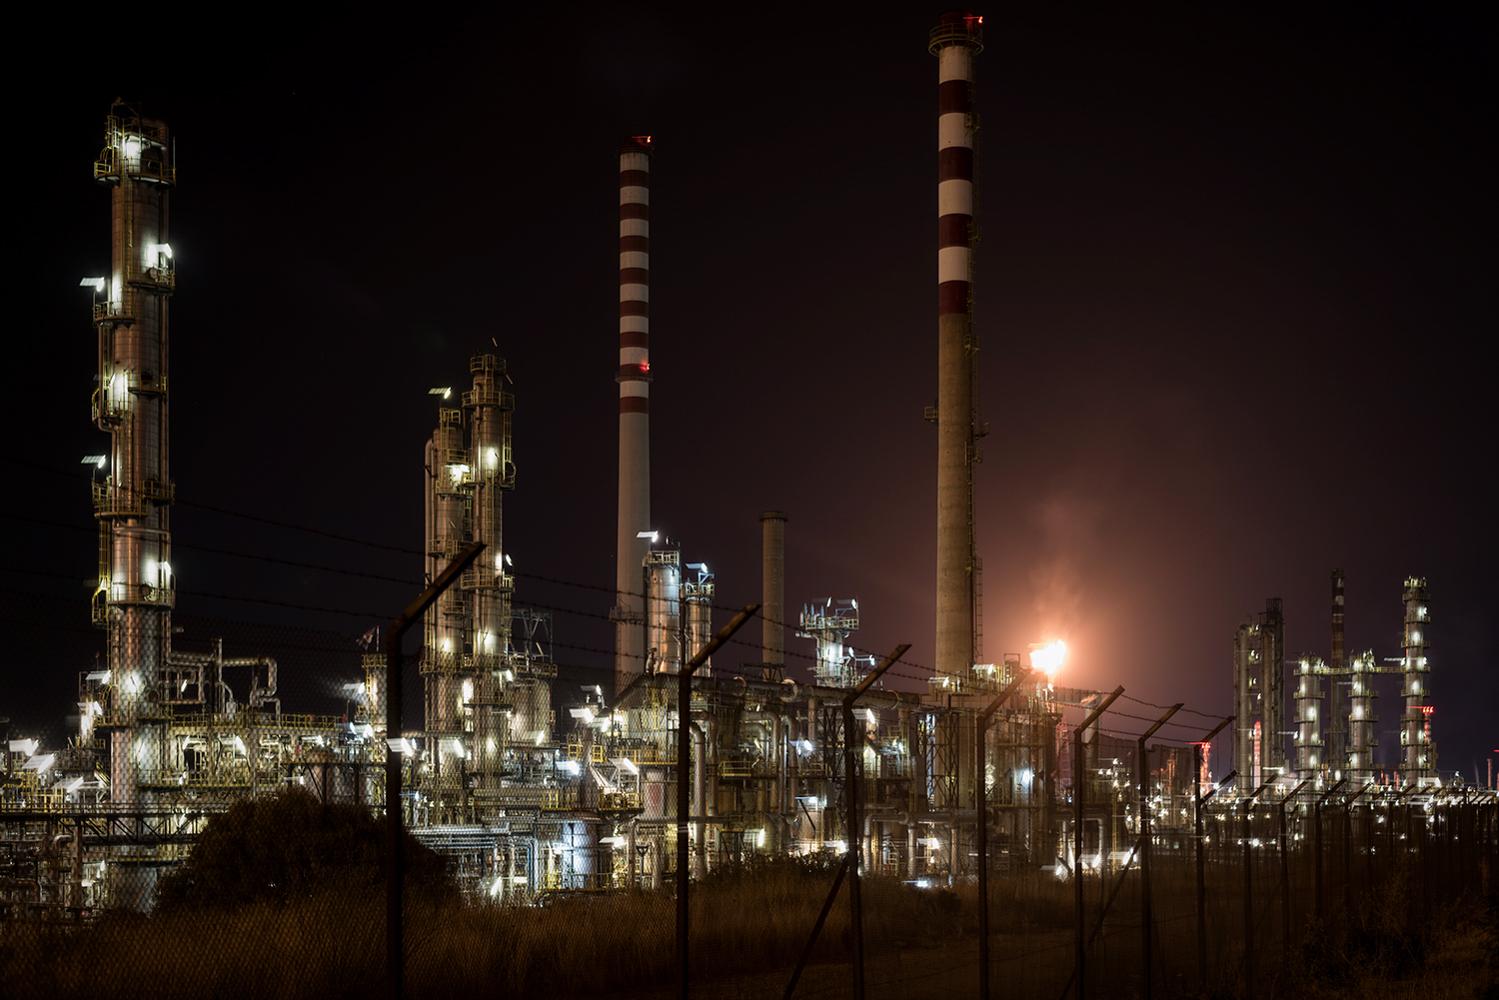 Veduta notturna dell'insediamento industriale di Sarroch. Sarroch (Cagliari), 2017.